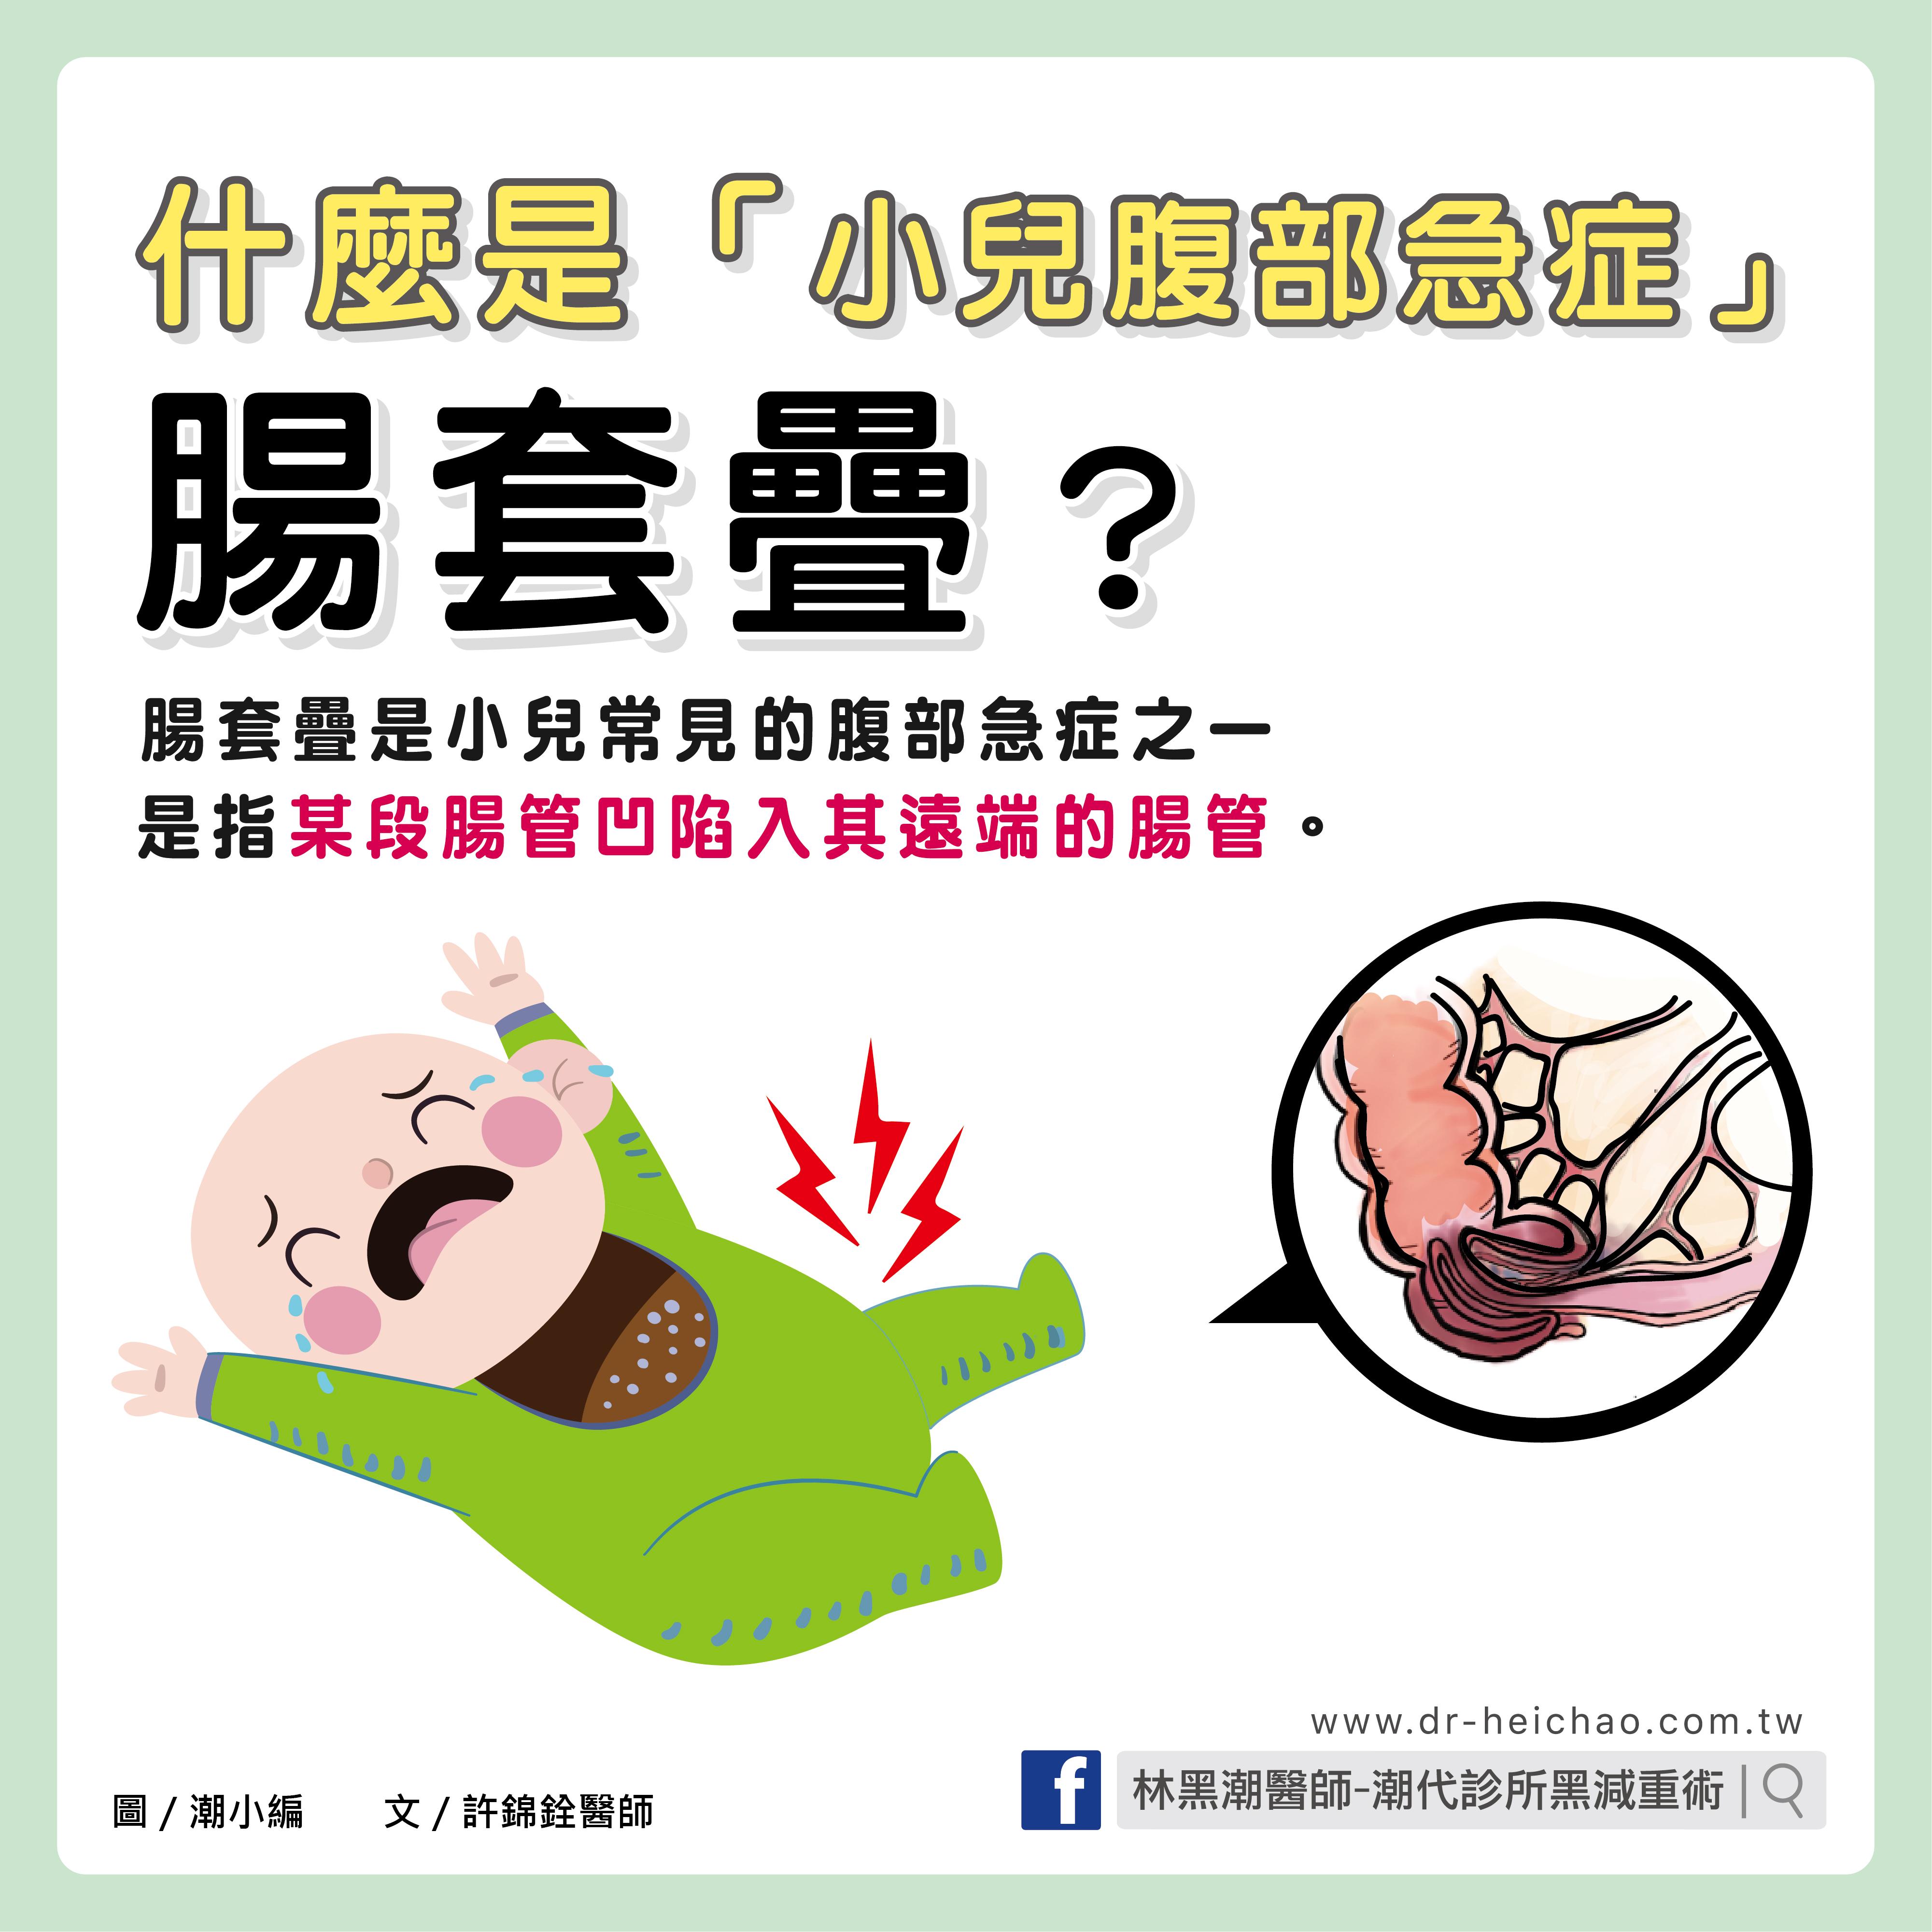 小兒腹部急症腸套疊/文:許錦銓醫師